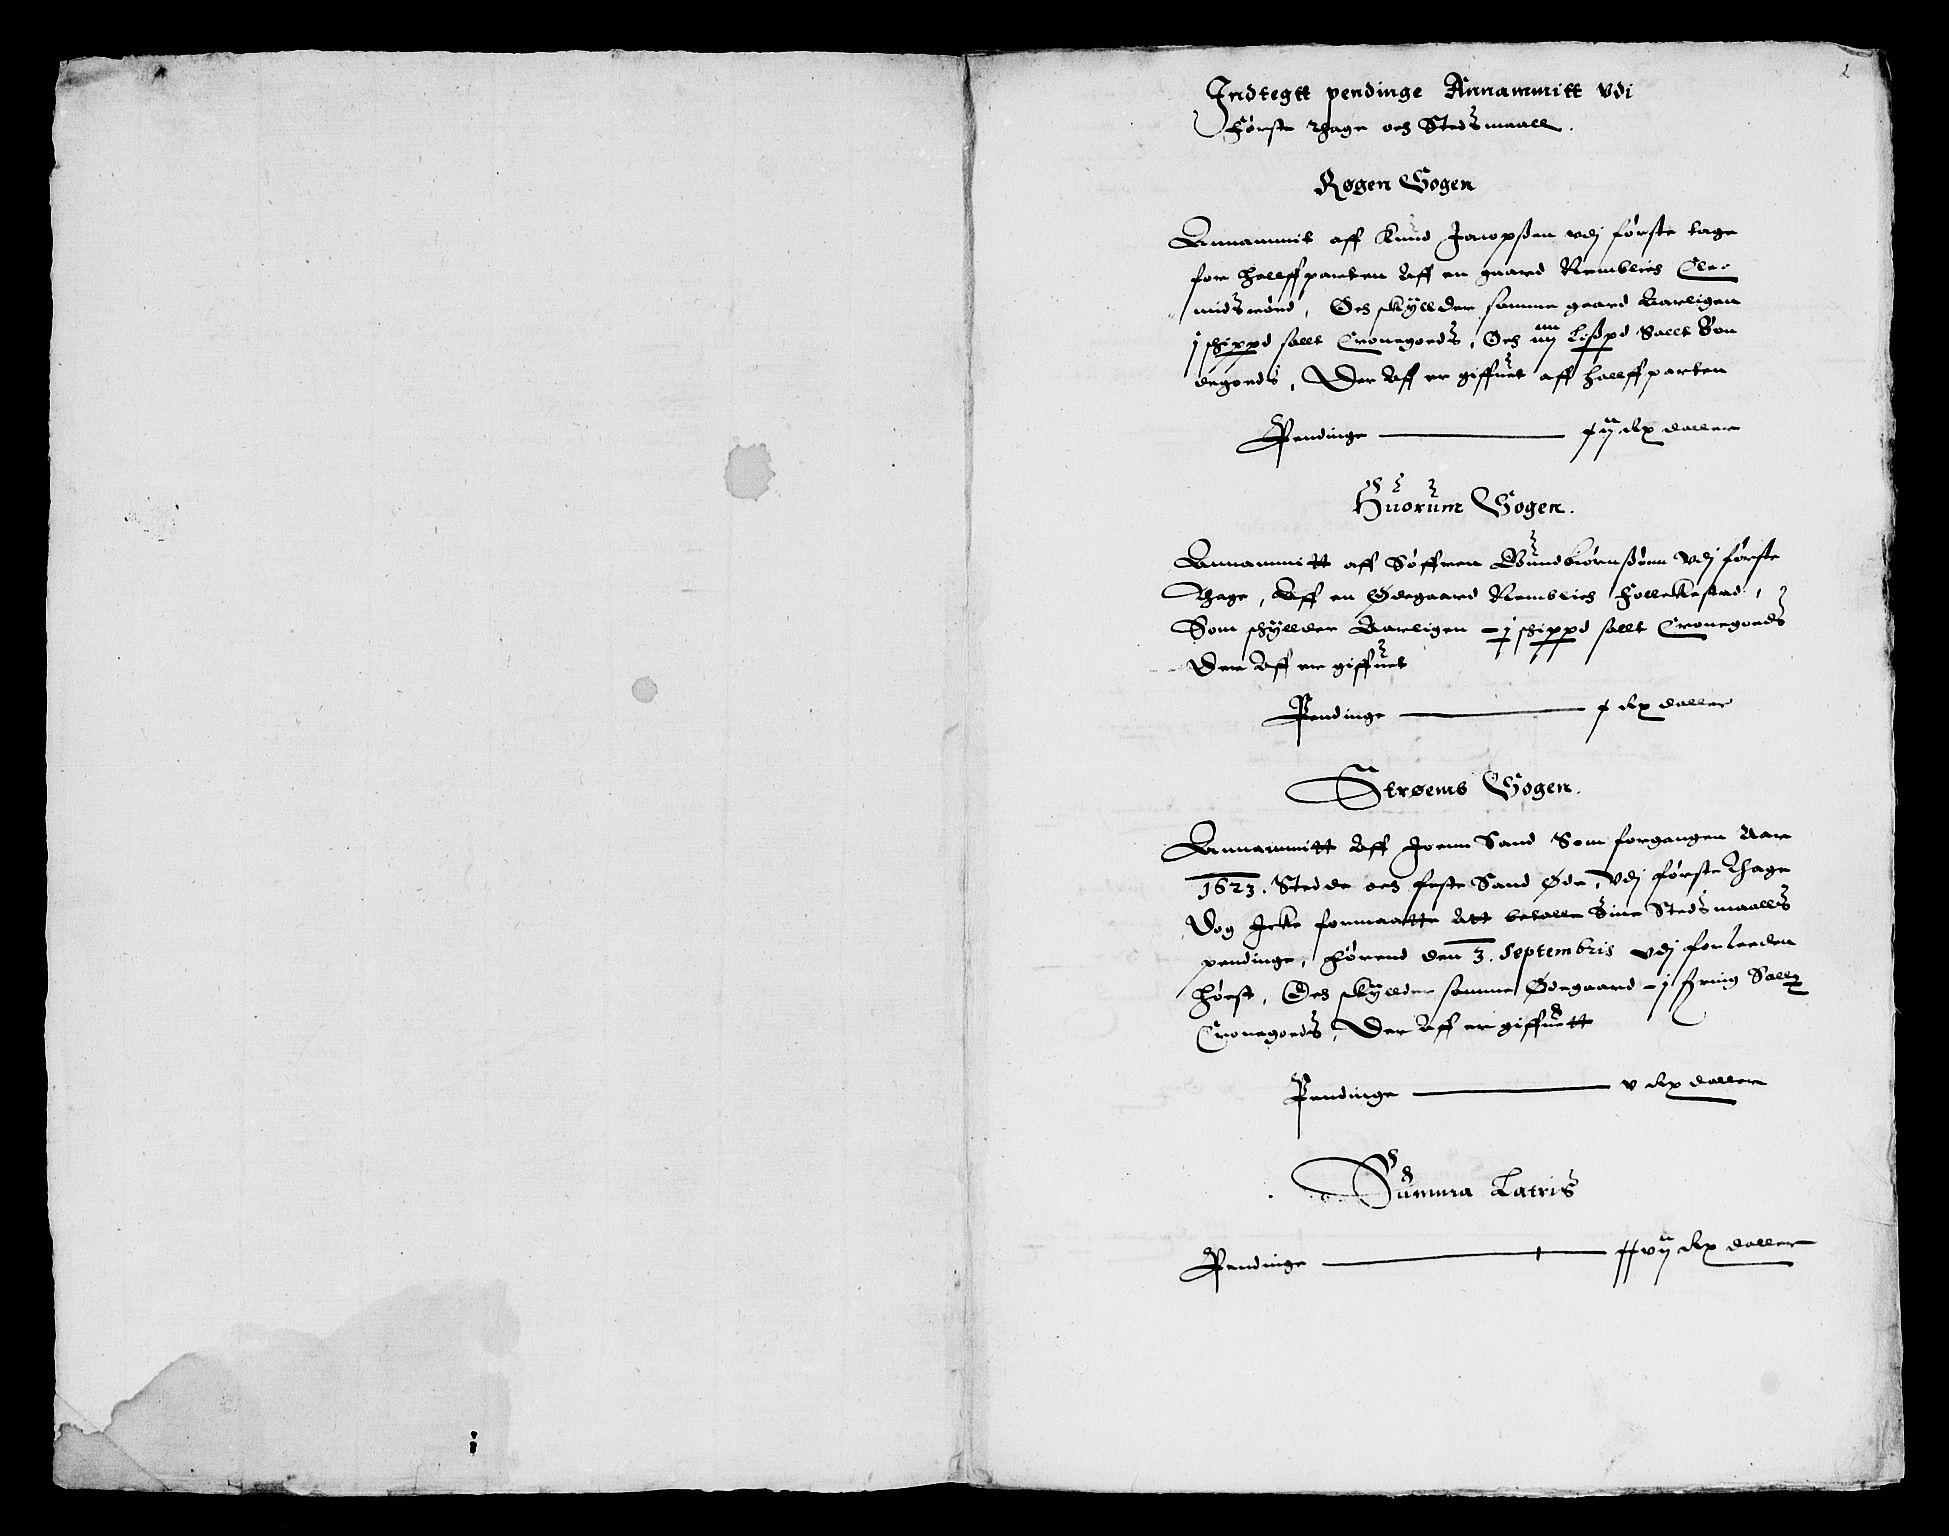 RA, Rentekammeret inntil 1814, Reviderte regnskaper, Lensregnskaper, R/Rb/Rba/L0069: Akershus len, 1624-1625